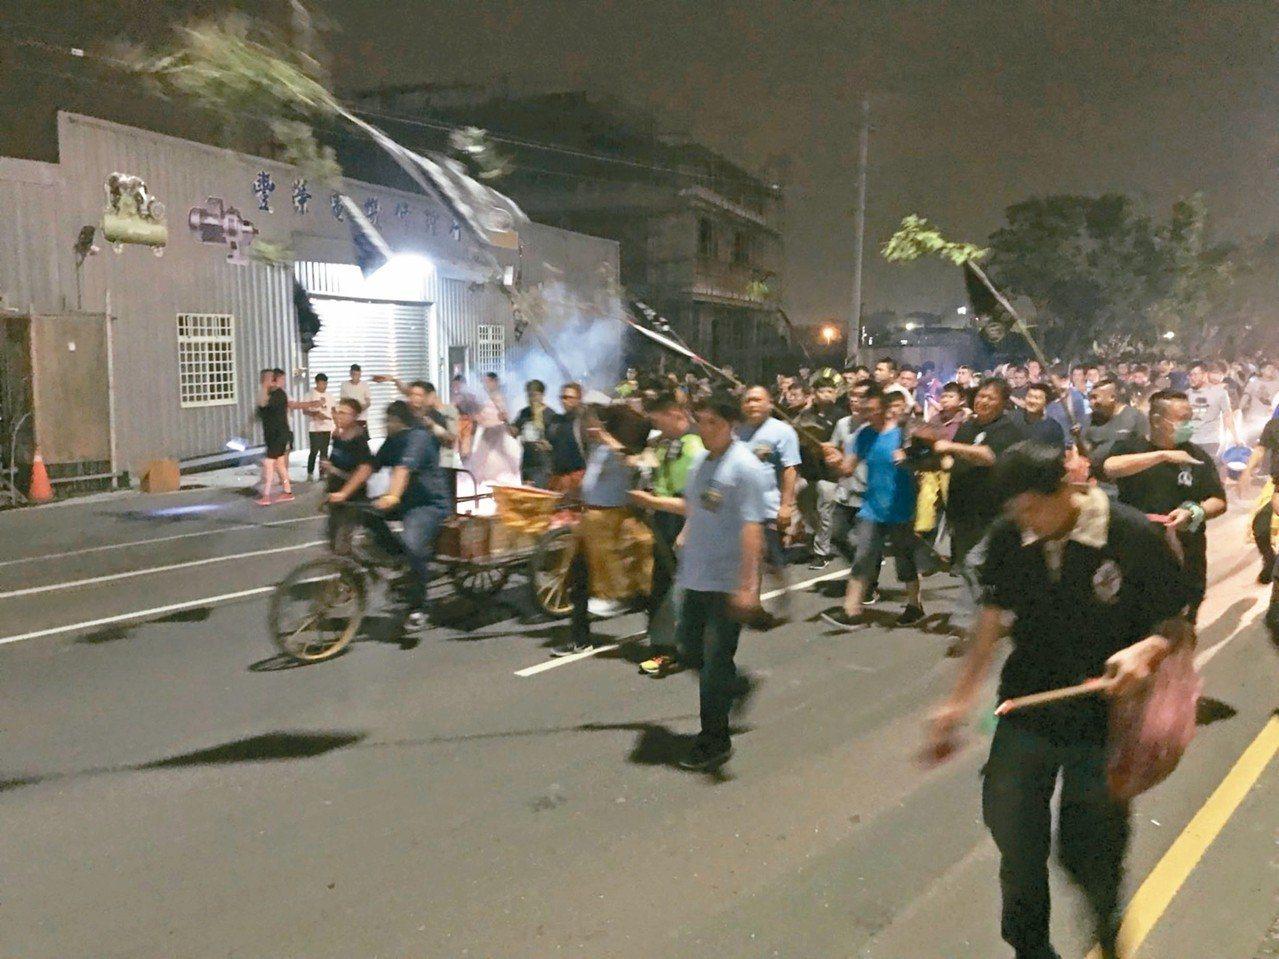 雲林縣崙背鄉草湖村今晚8時將有一場「送肉粽」儀式,許多網友在臉書社團提醒民眾迴避...